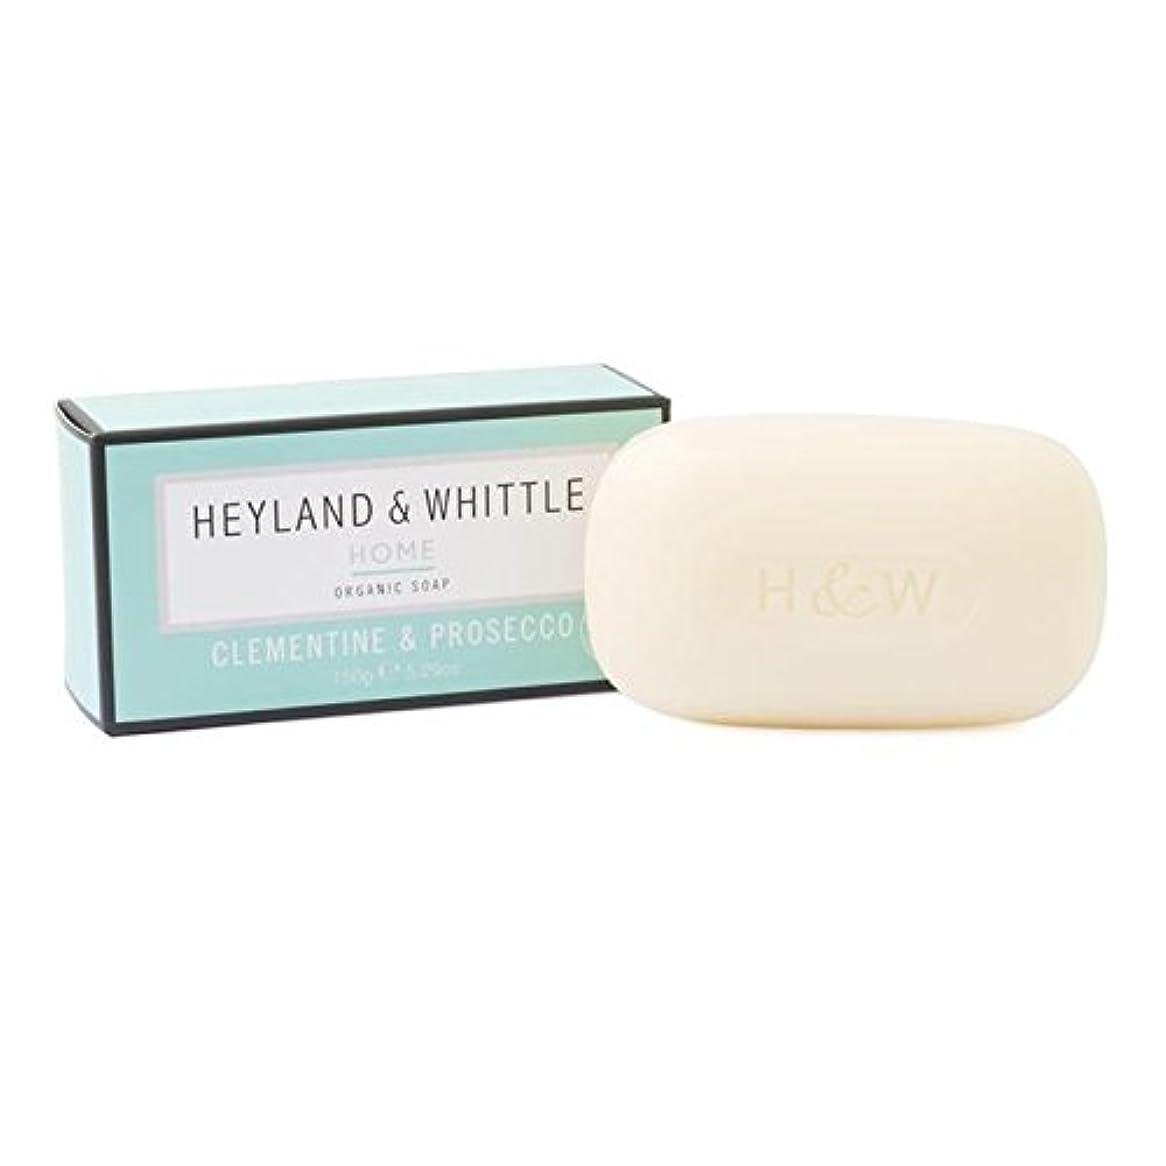 請求書かすかなスイス人&削るホームクレメンタイン&プロセッコ有機石鹸150グラム x4 - Heyland & Whittle Home Clementine & Prosecco Organic Soap 150g (Pack of 4)...